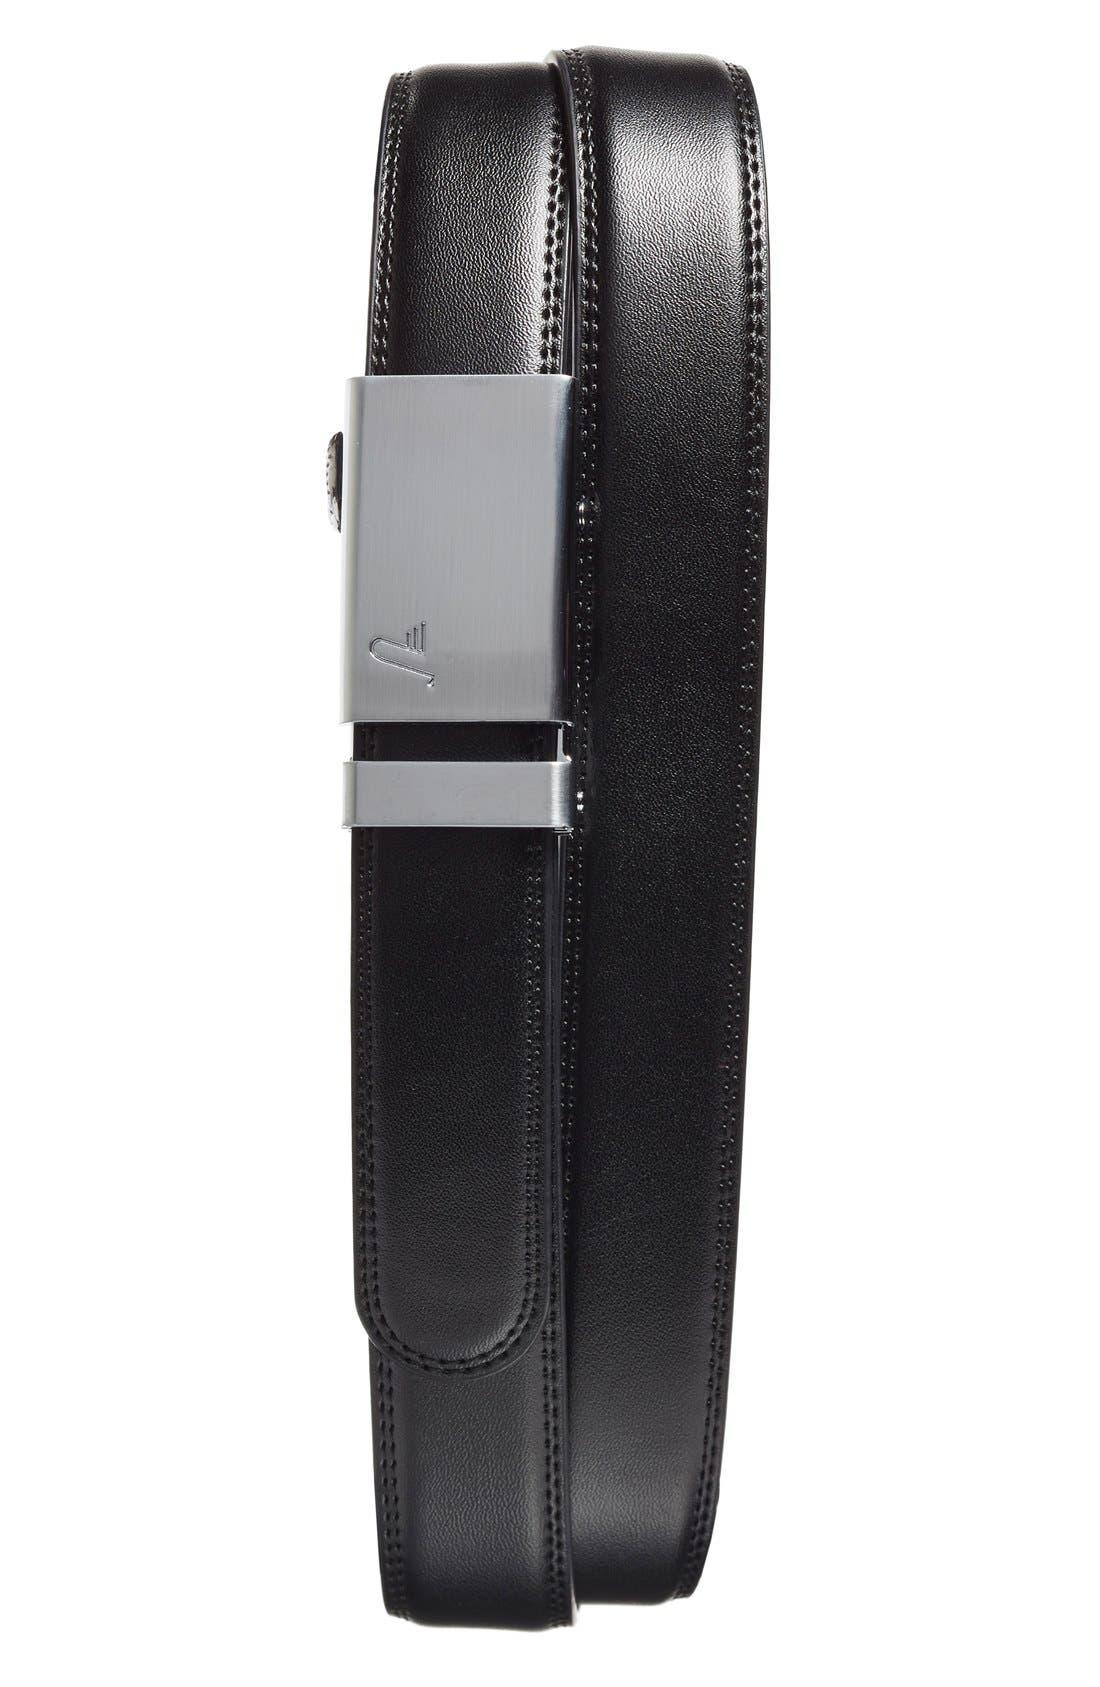 Main Image - Mission Belt 'Alloy' Leather Belt